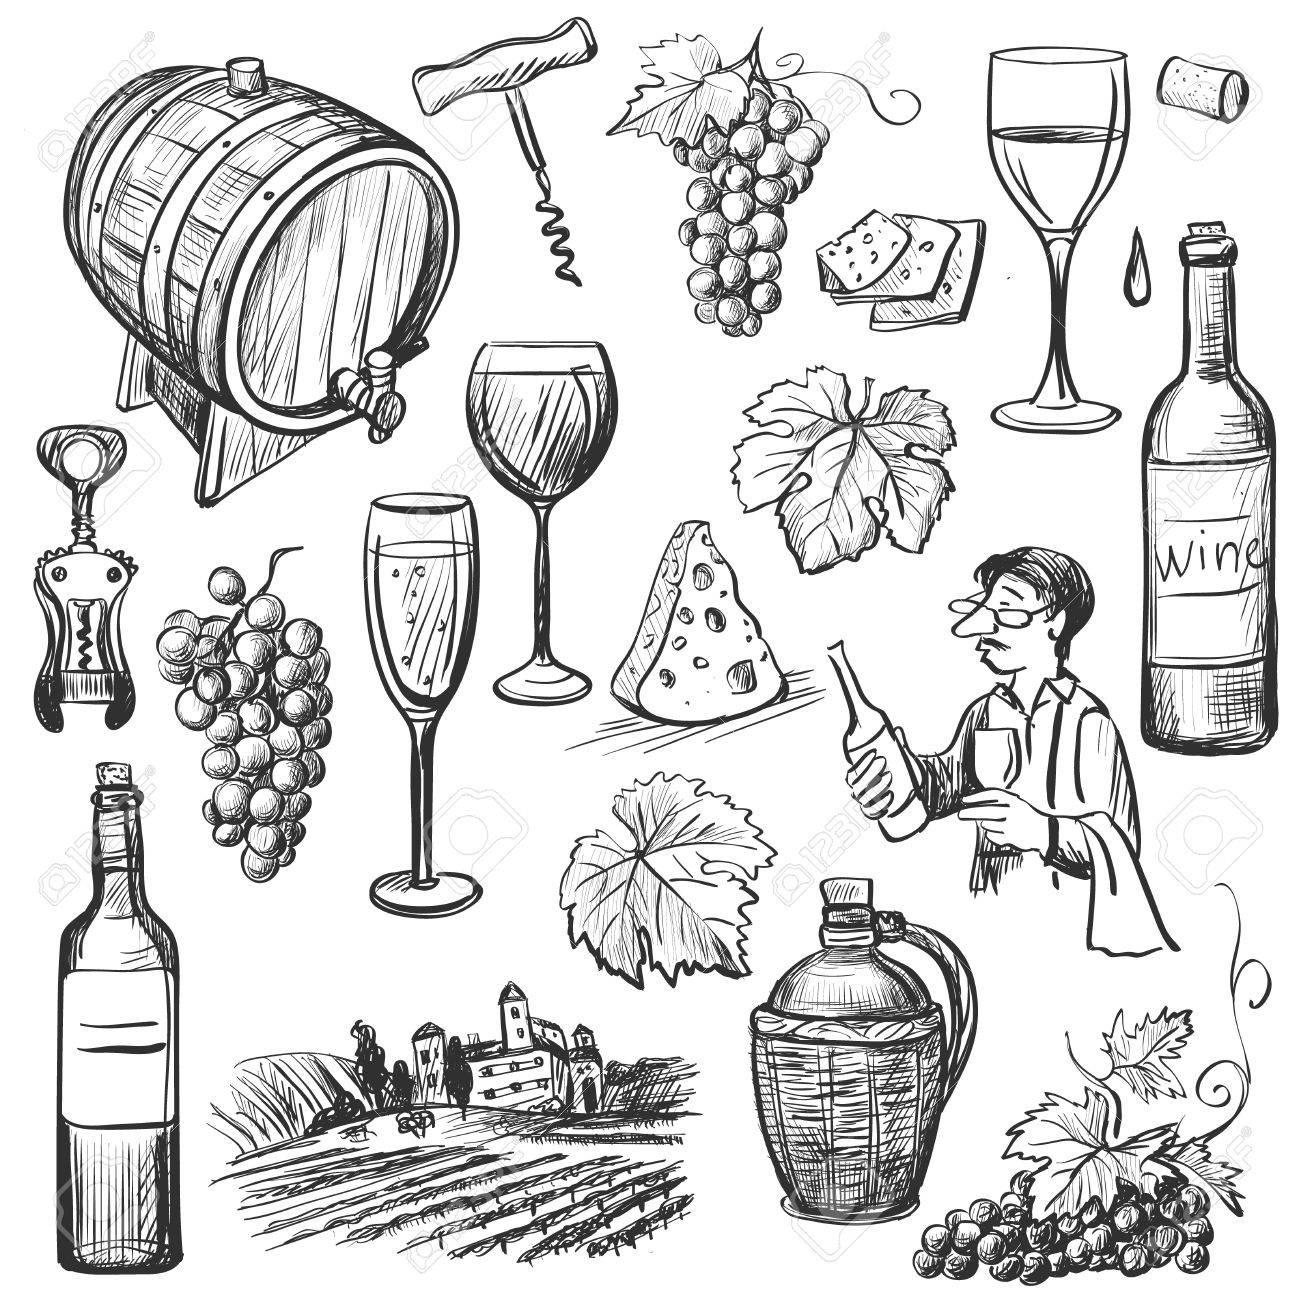 Hand drawn sketch wine set - 48084839